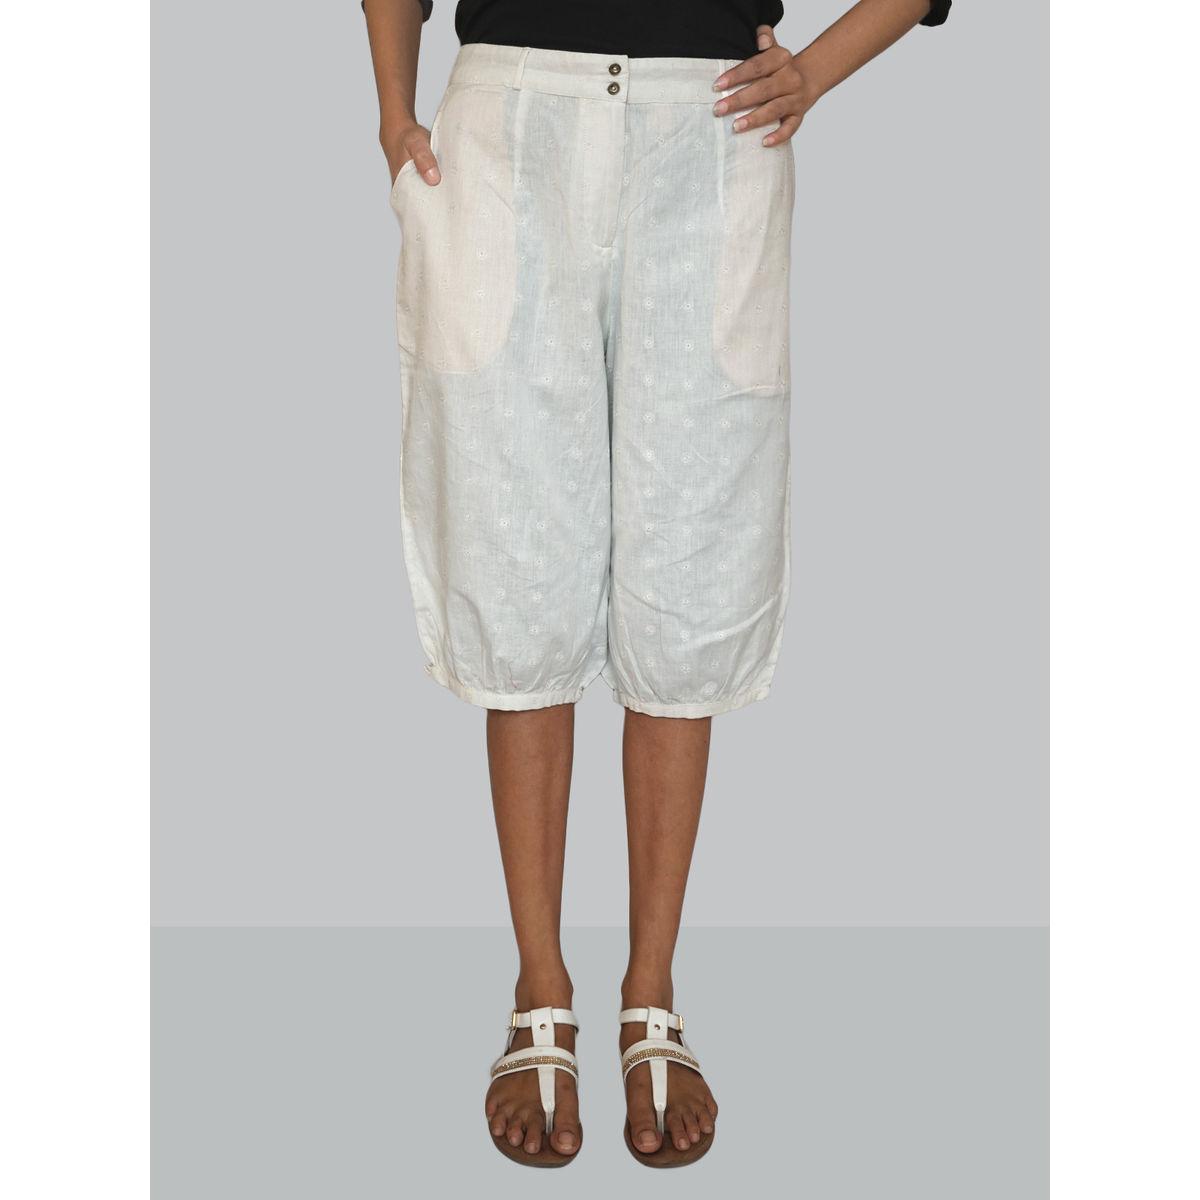 White solid linen short-bottom